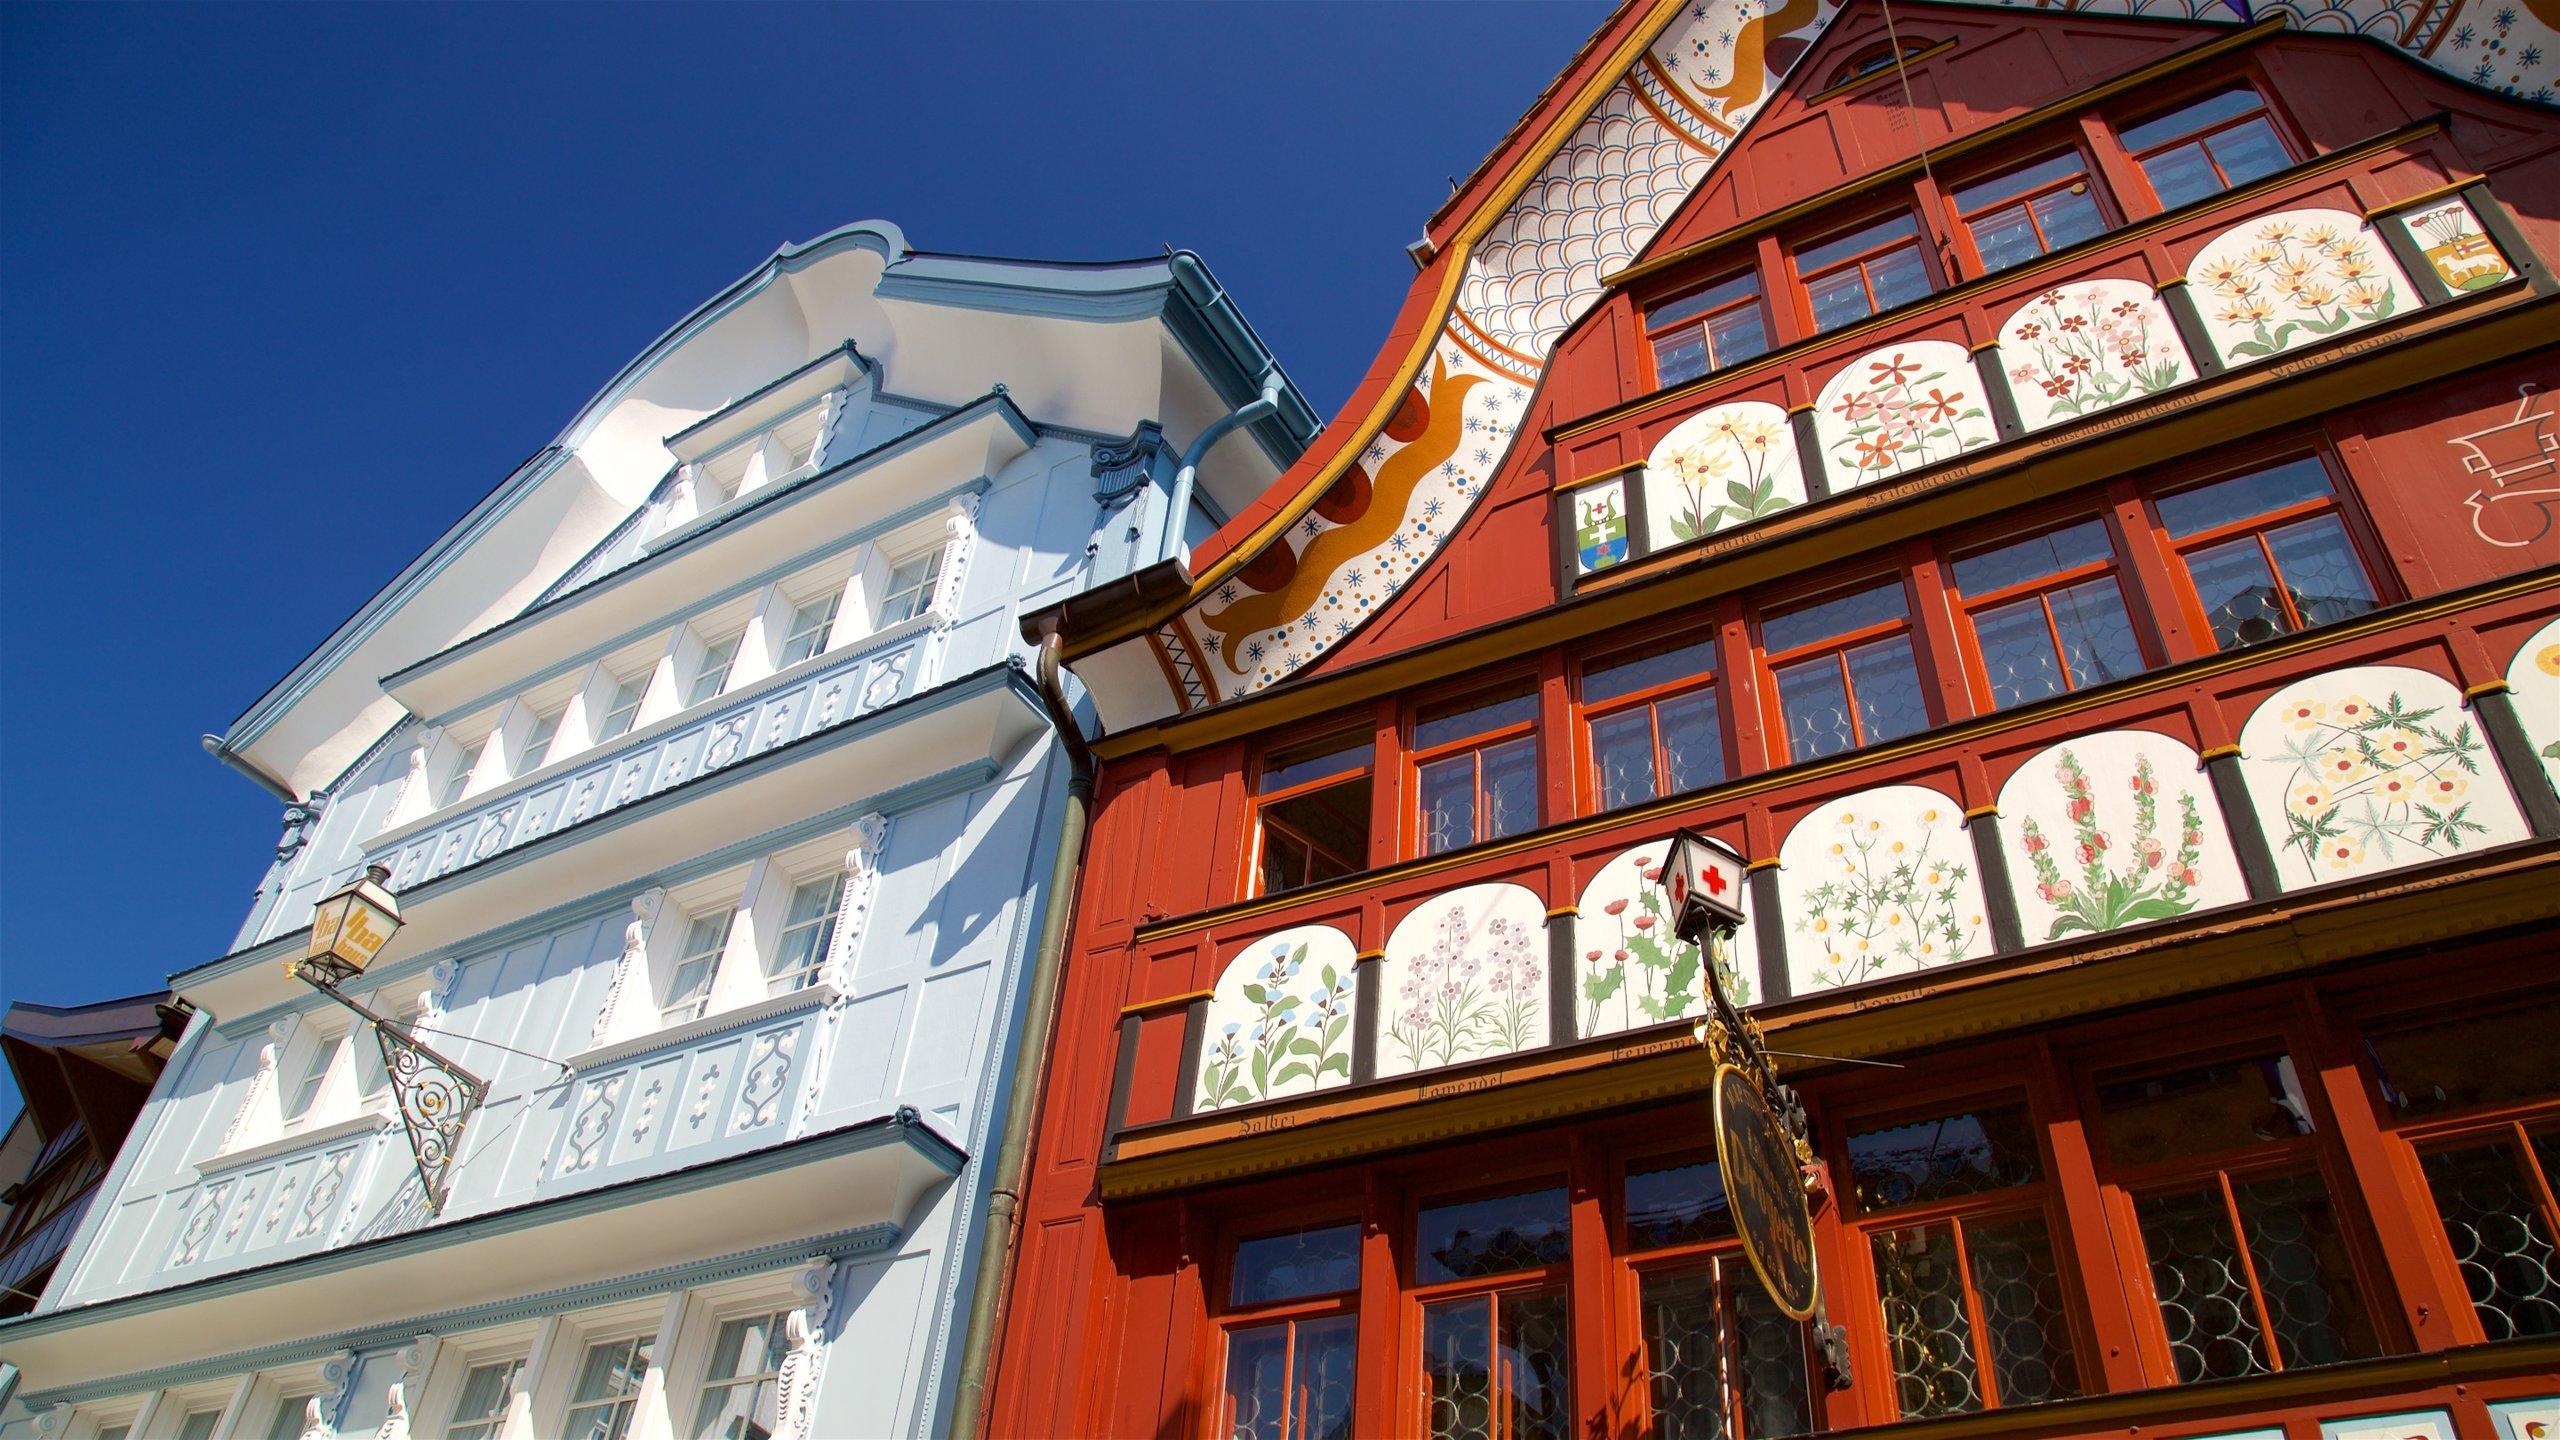 Appenzell Innerrhoden, Switzerland